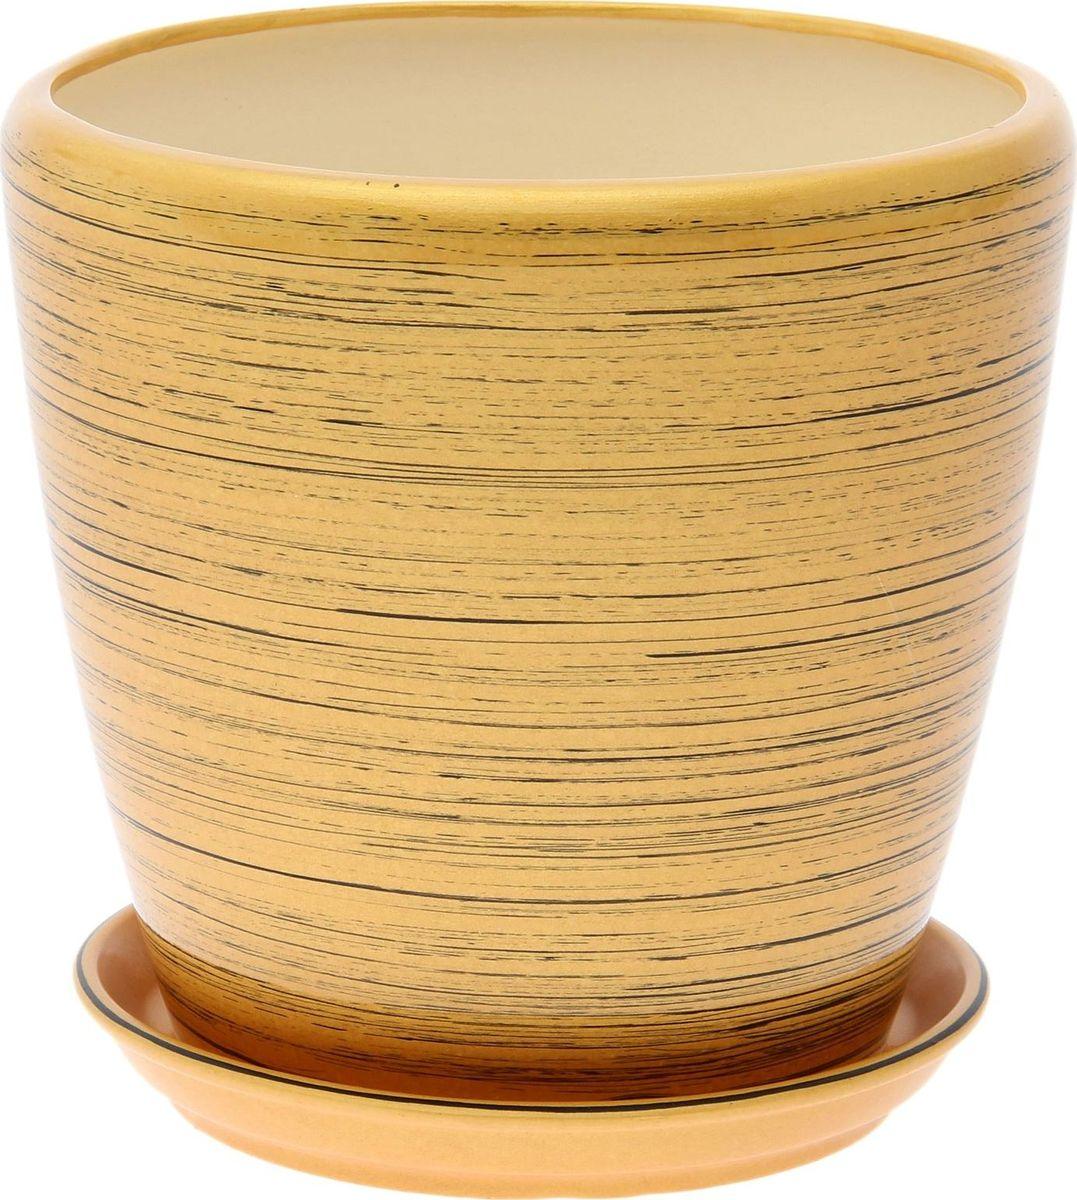 Кашпо Керамика ручной работы Грация. Глянец, цвет: золотой, черный, 2,3 л1489678Комнатные растения — всеобщие любимцы. Они радуют глаз, насыщают помещение кислородом и украшают пространство. Каждому из них необходим свой удобный и красивый дом. Кашпо из керамики прекрасно подходят для высадки растений: за счёт пластичности глины и разных способов обработки существует великое множество форм и дизайновпористый материал позволяет испаряться лишней влагевоздух, необходимый для дыхания корней, проникает сквозь керамические стенки! #name# позаботится о зелёном питомце, освежит интерьер и подчеркнёт его стиль.